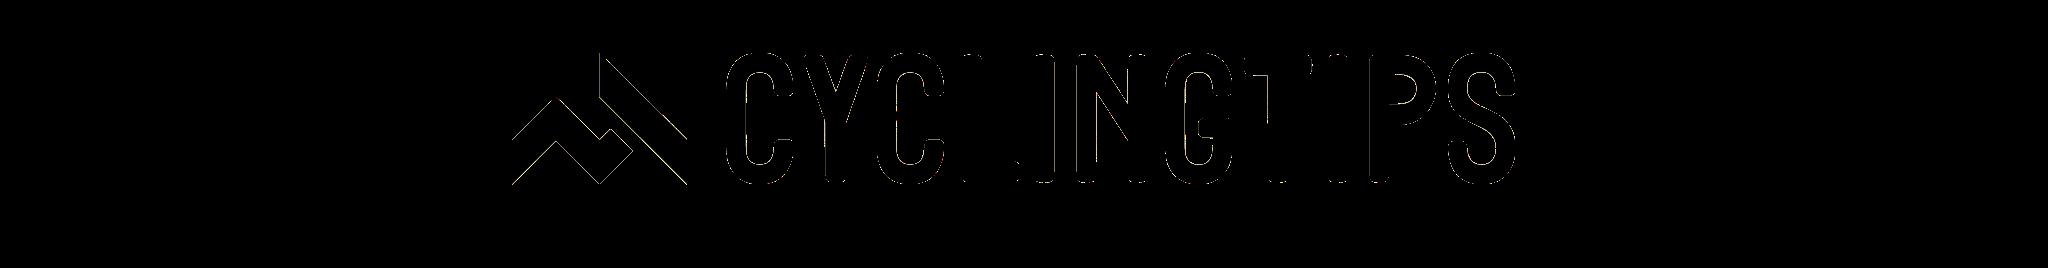 logo-ctips-1024 copy.png